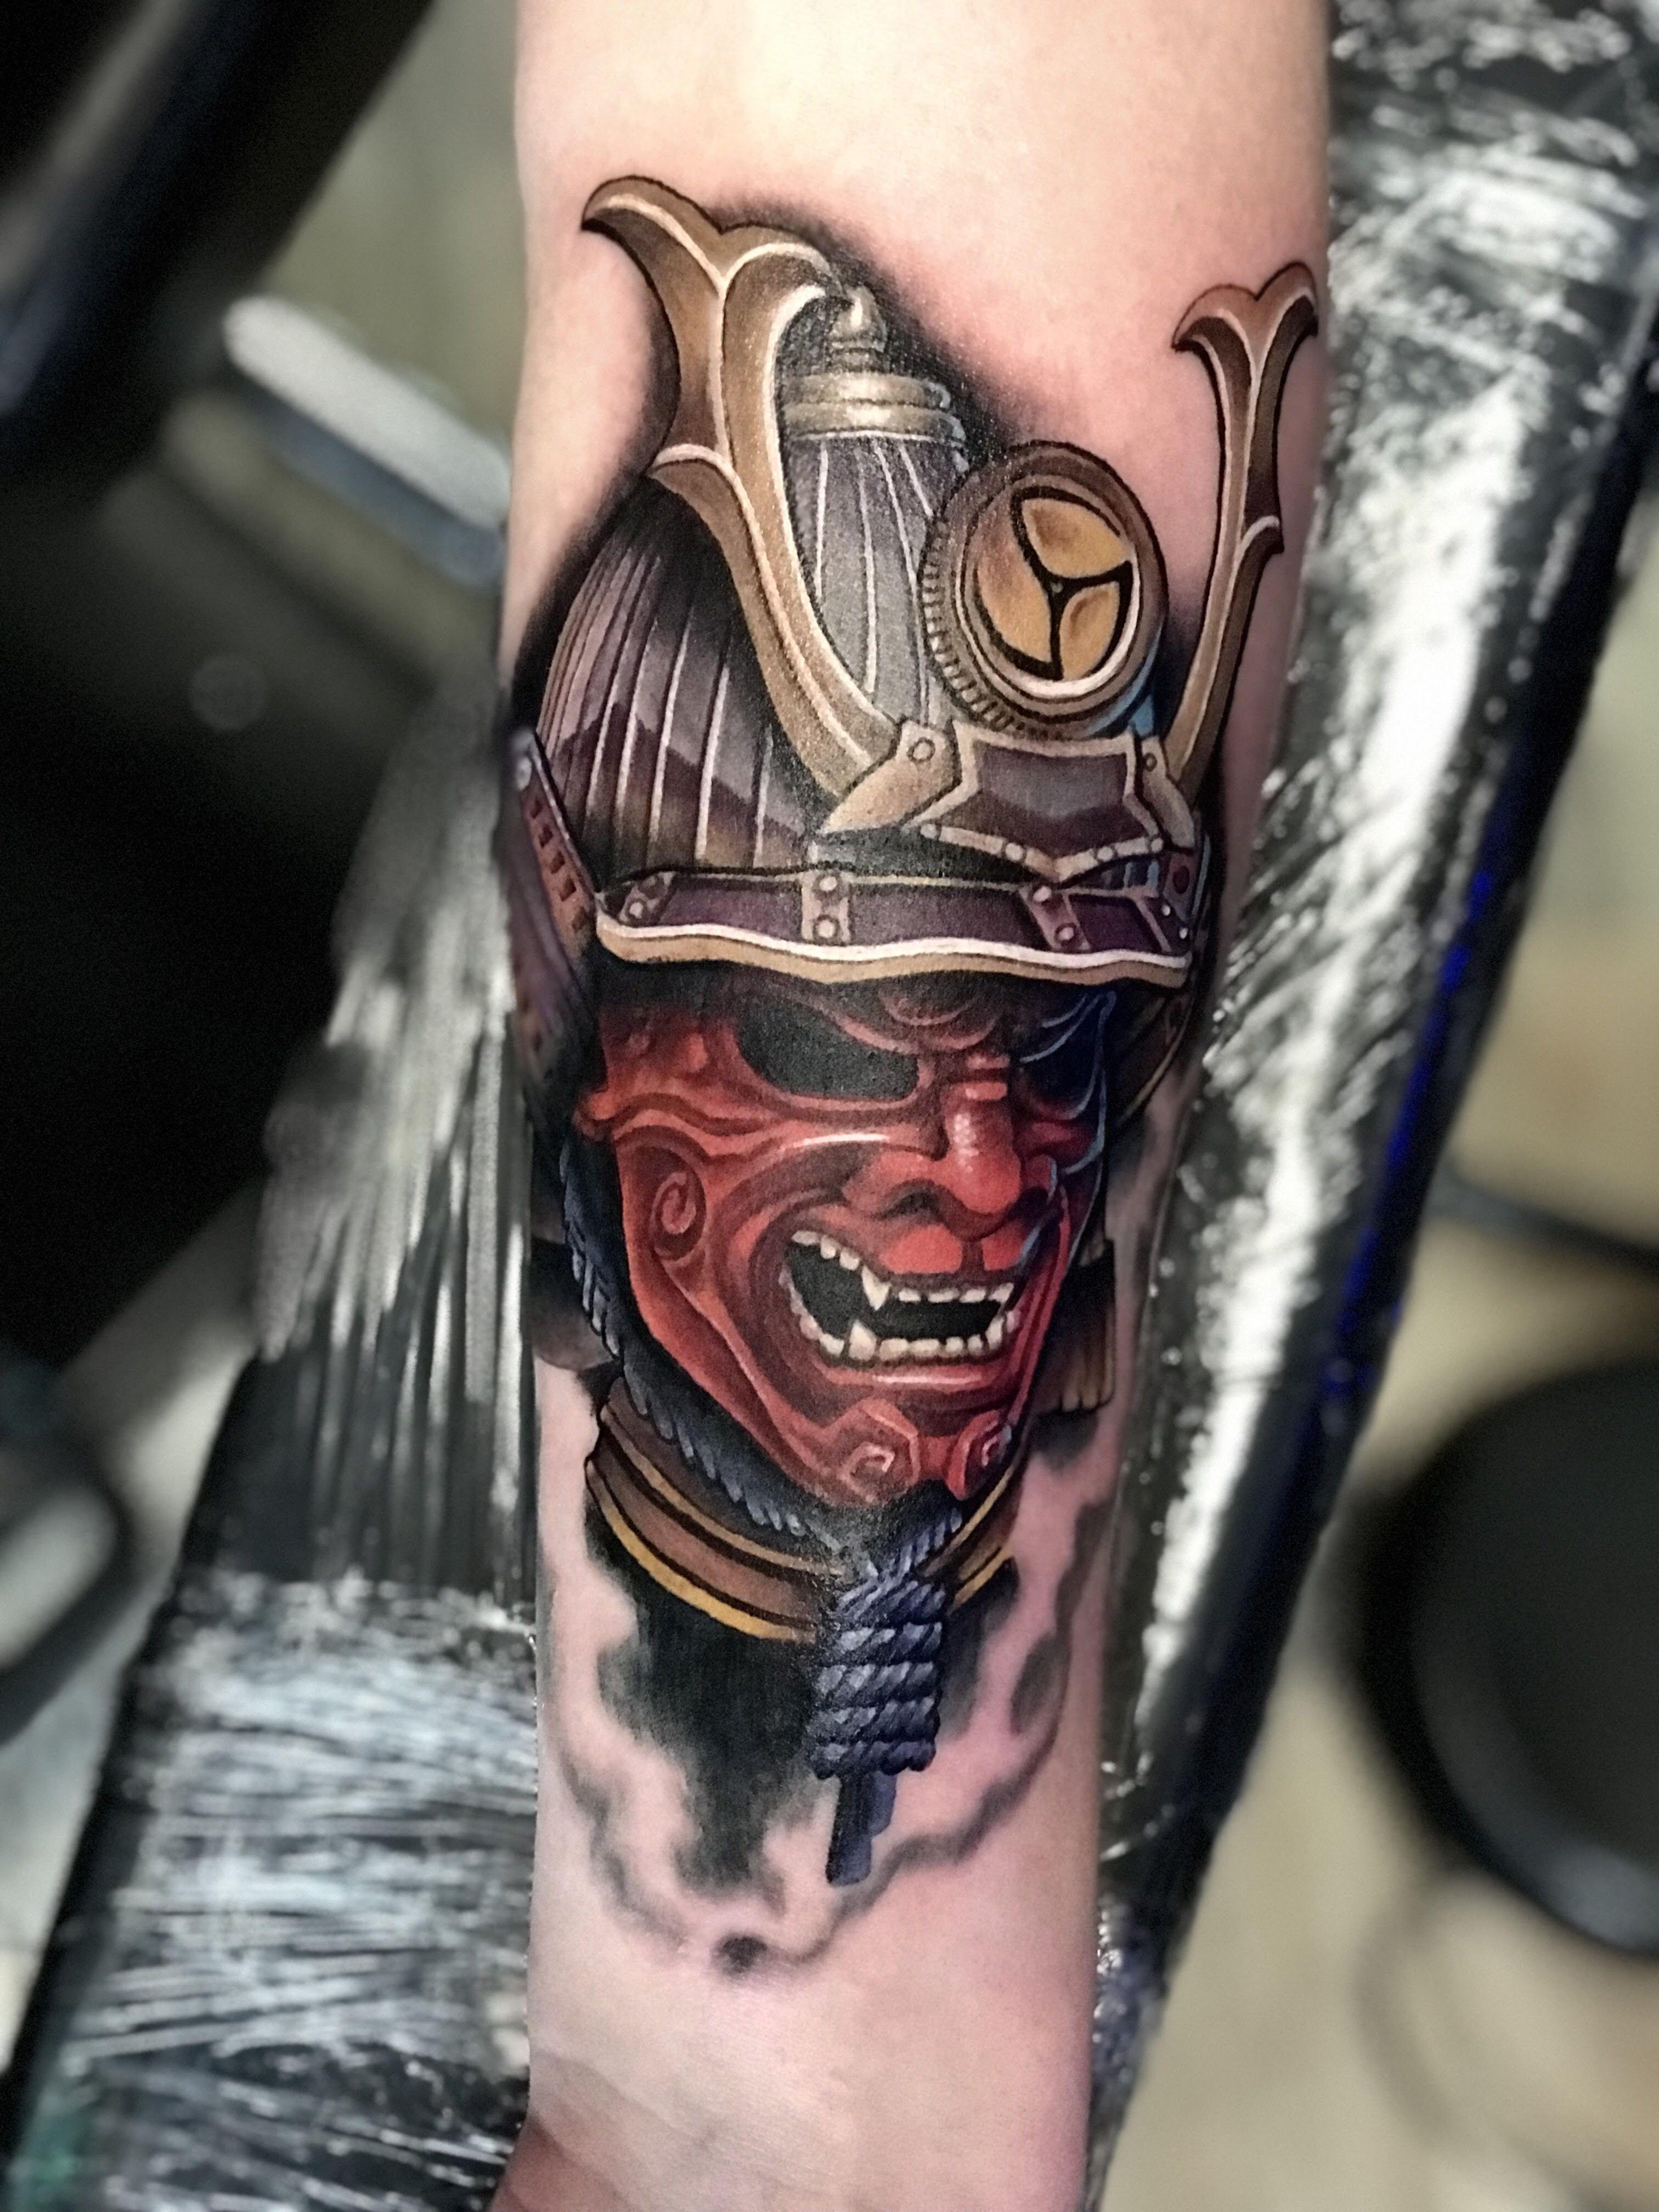 Samurai Tattoo By Krystof At Bluenote Tattoo In Las Vegas Tattoos Tattoo Artists Cool Tattoos